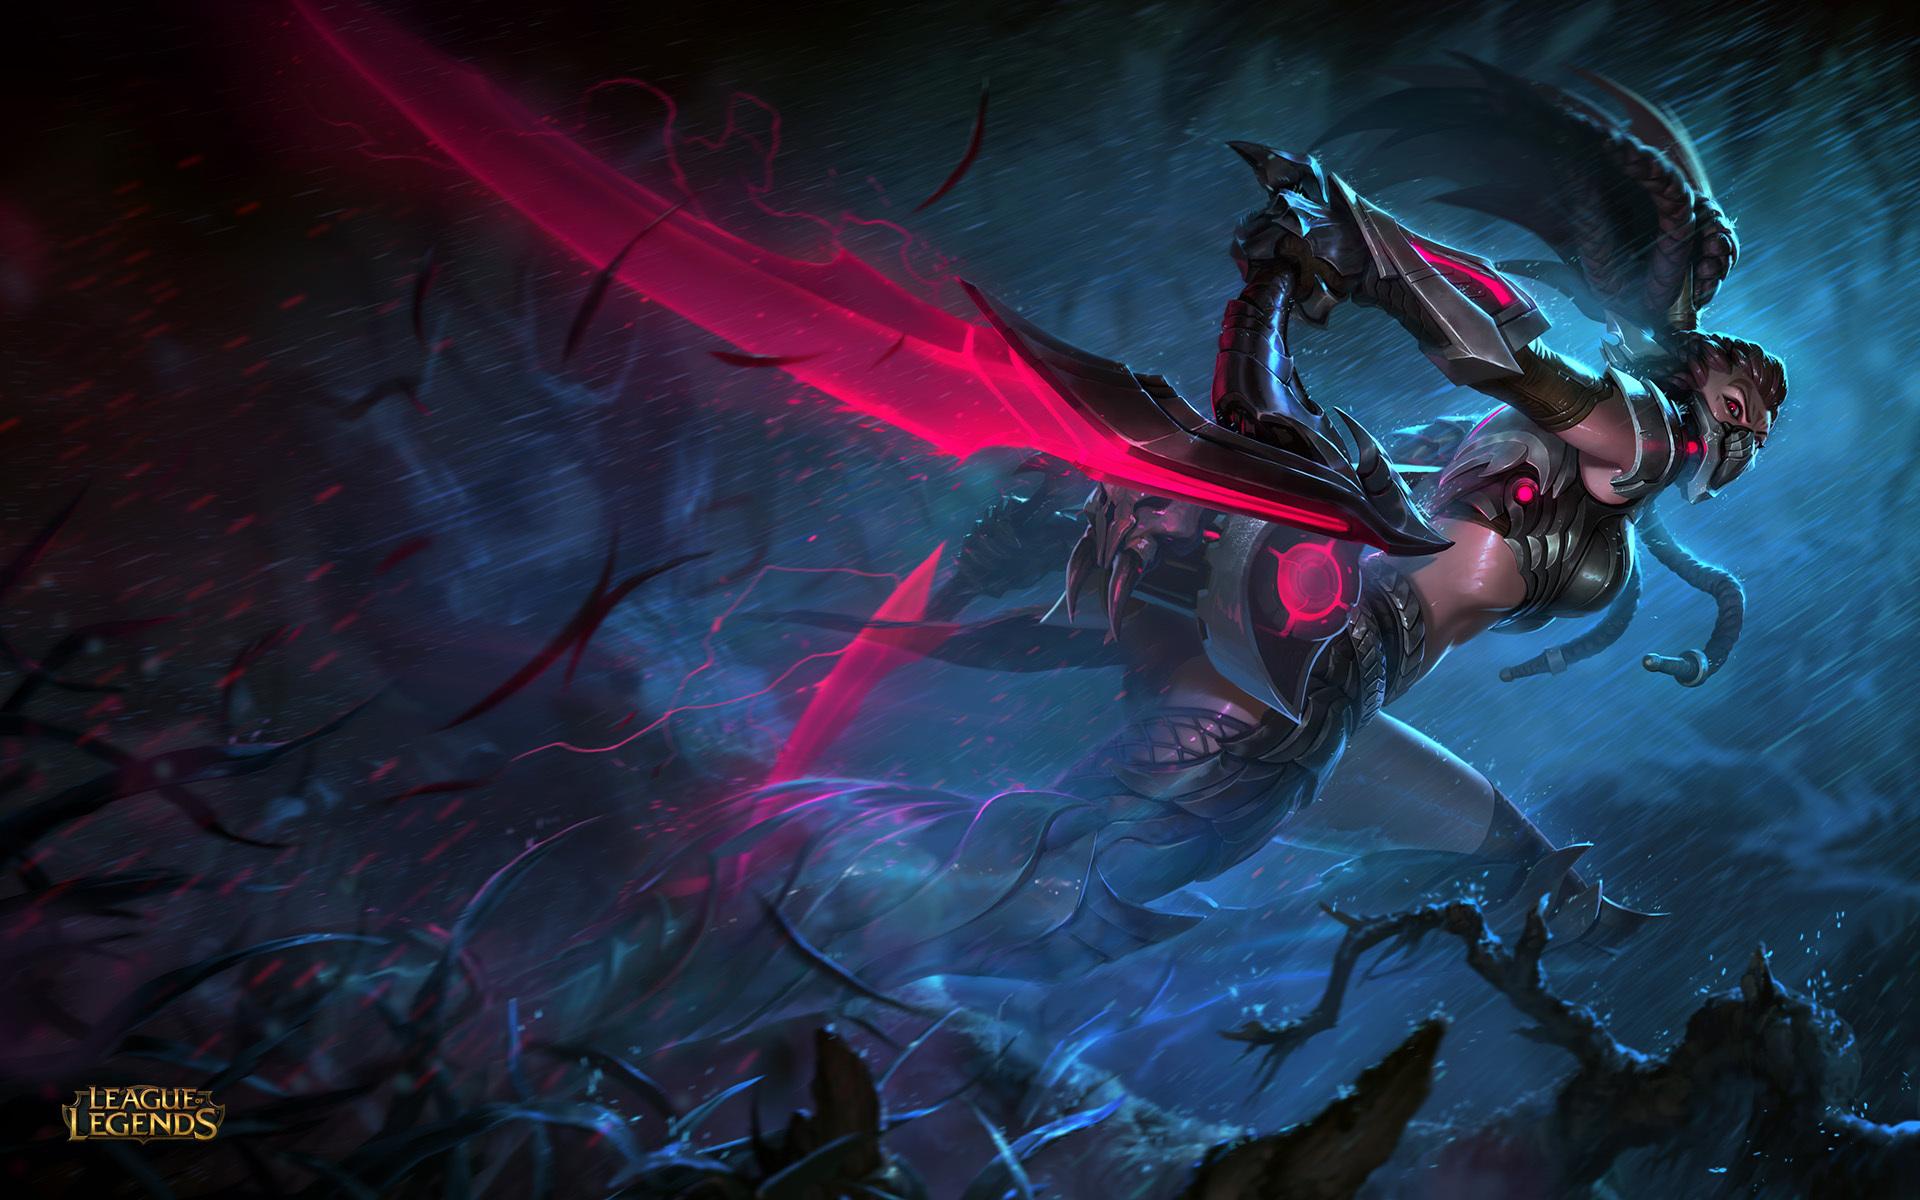 Картинка: Игра, League of Legends, Akali, бежит, дождь, оружие, парные камы